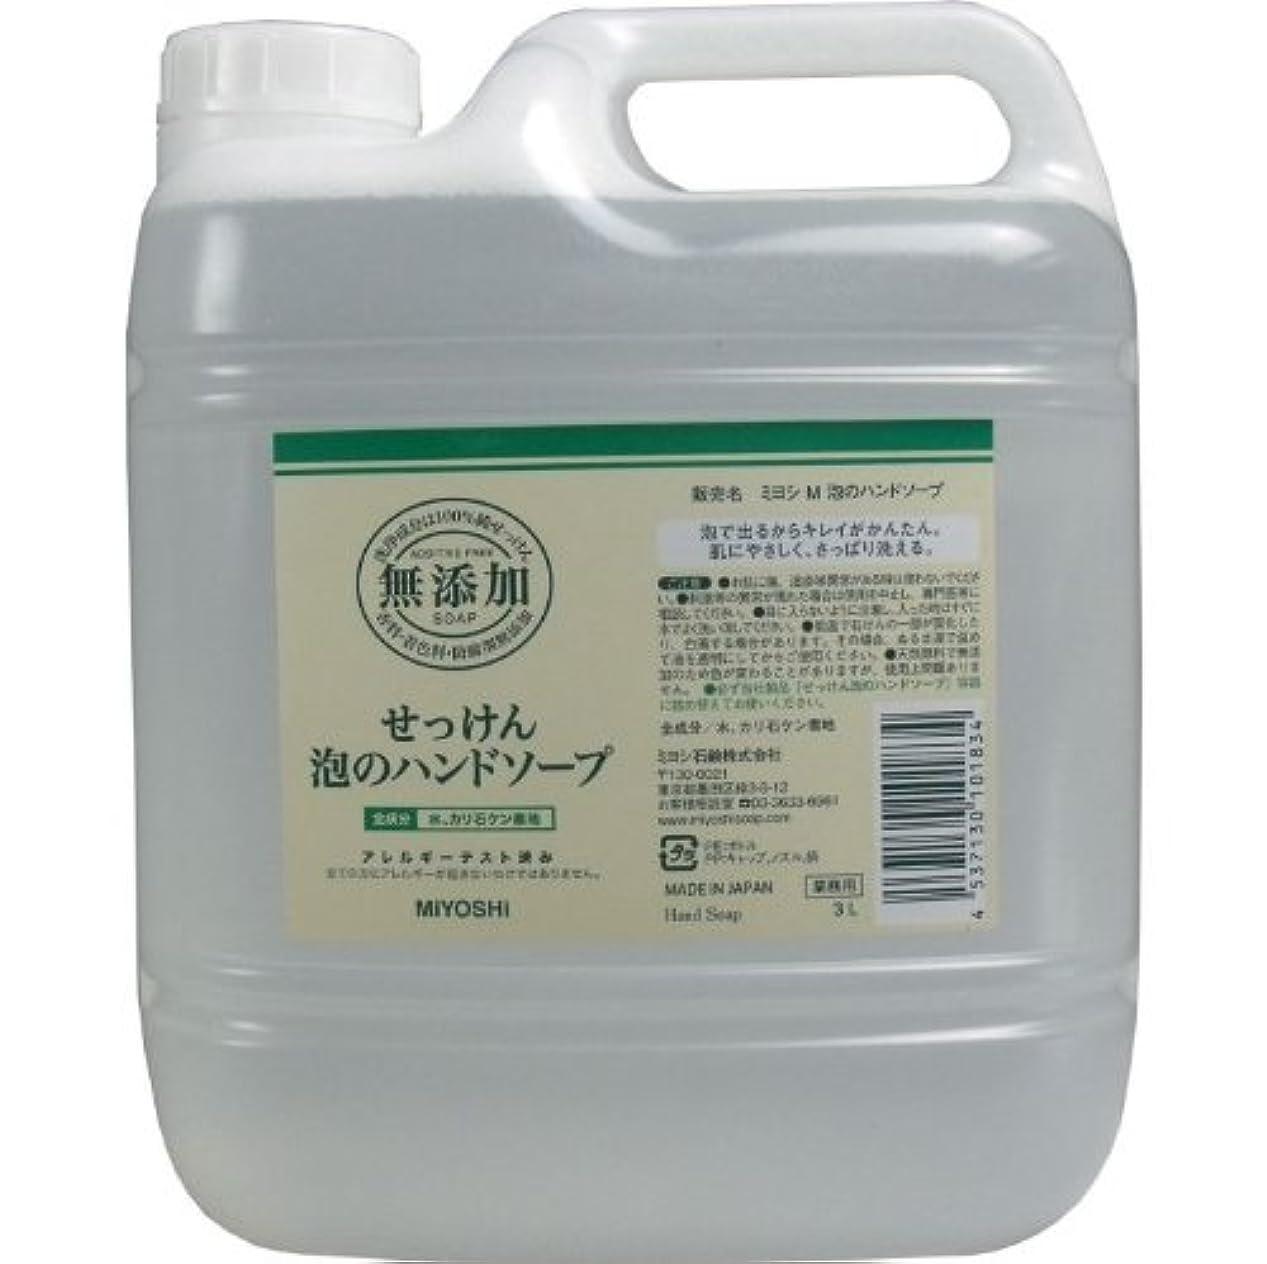 環境保護主義者引く体系的に泡で出るからキレイが簡単!家事の間のサッと洗いも簡単!香料、着色料、防腐剤無添加!(業務用)3L【5個セット】